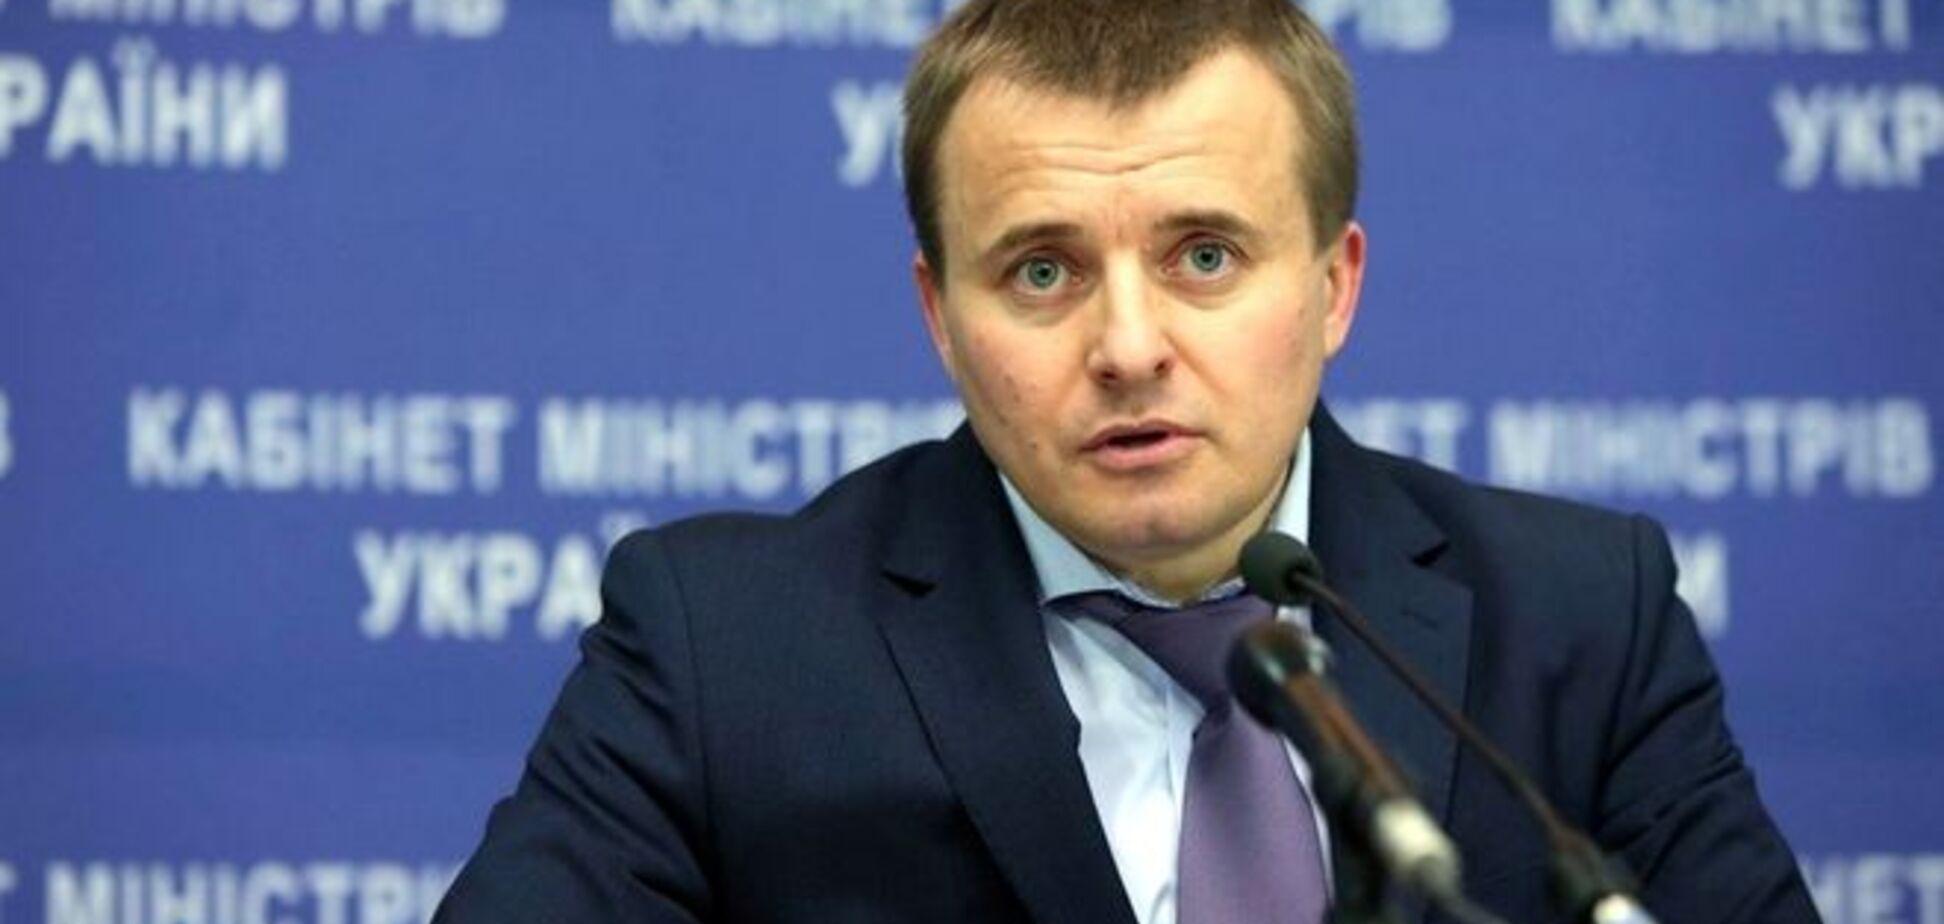 В контрактах с Россией, которые курировал Демчишин, нашли признаки госизмены: документ